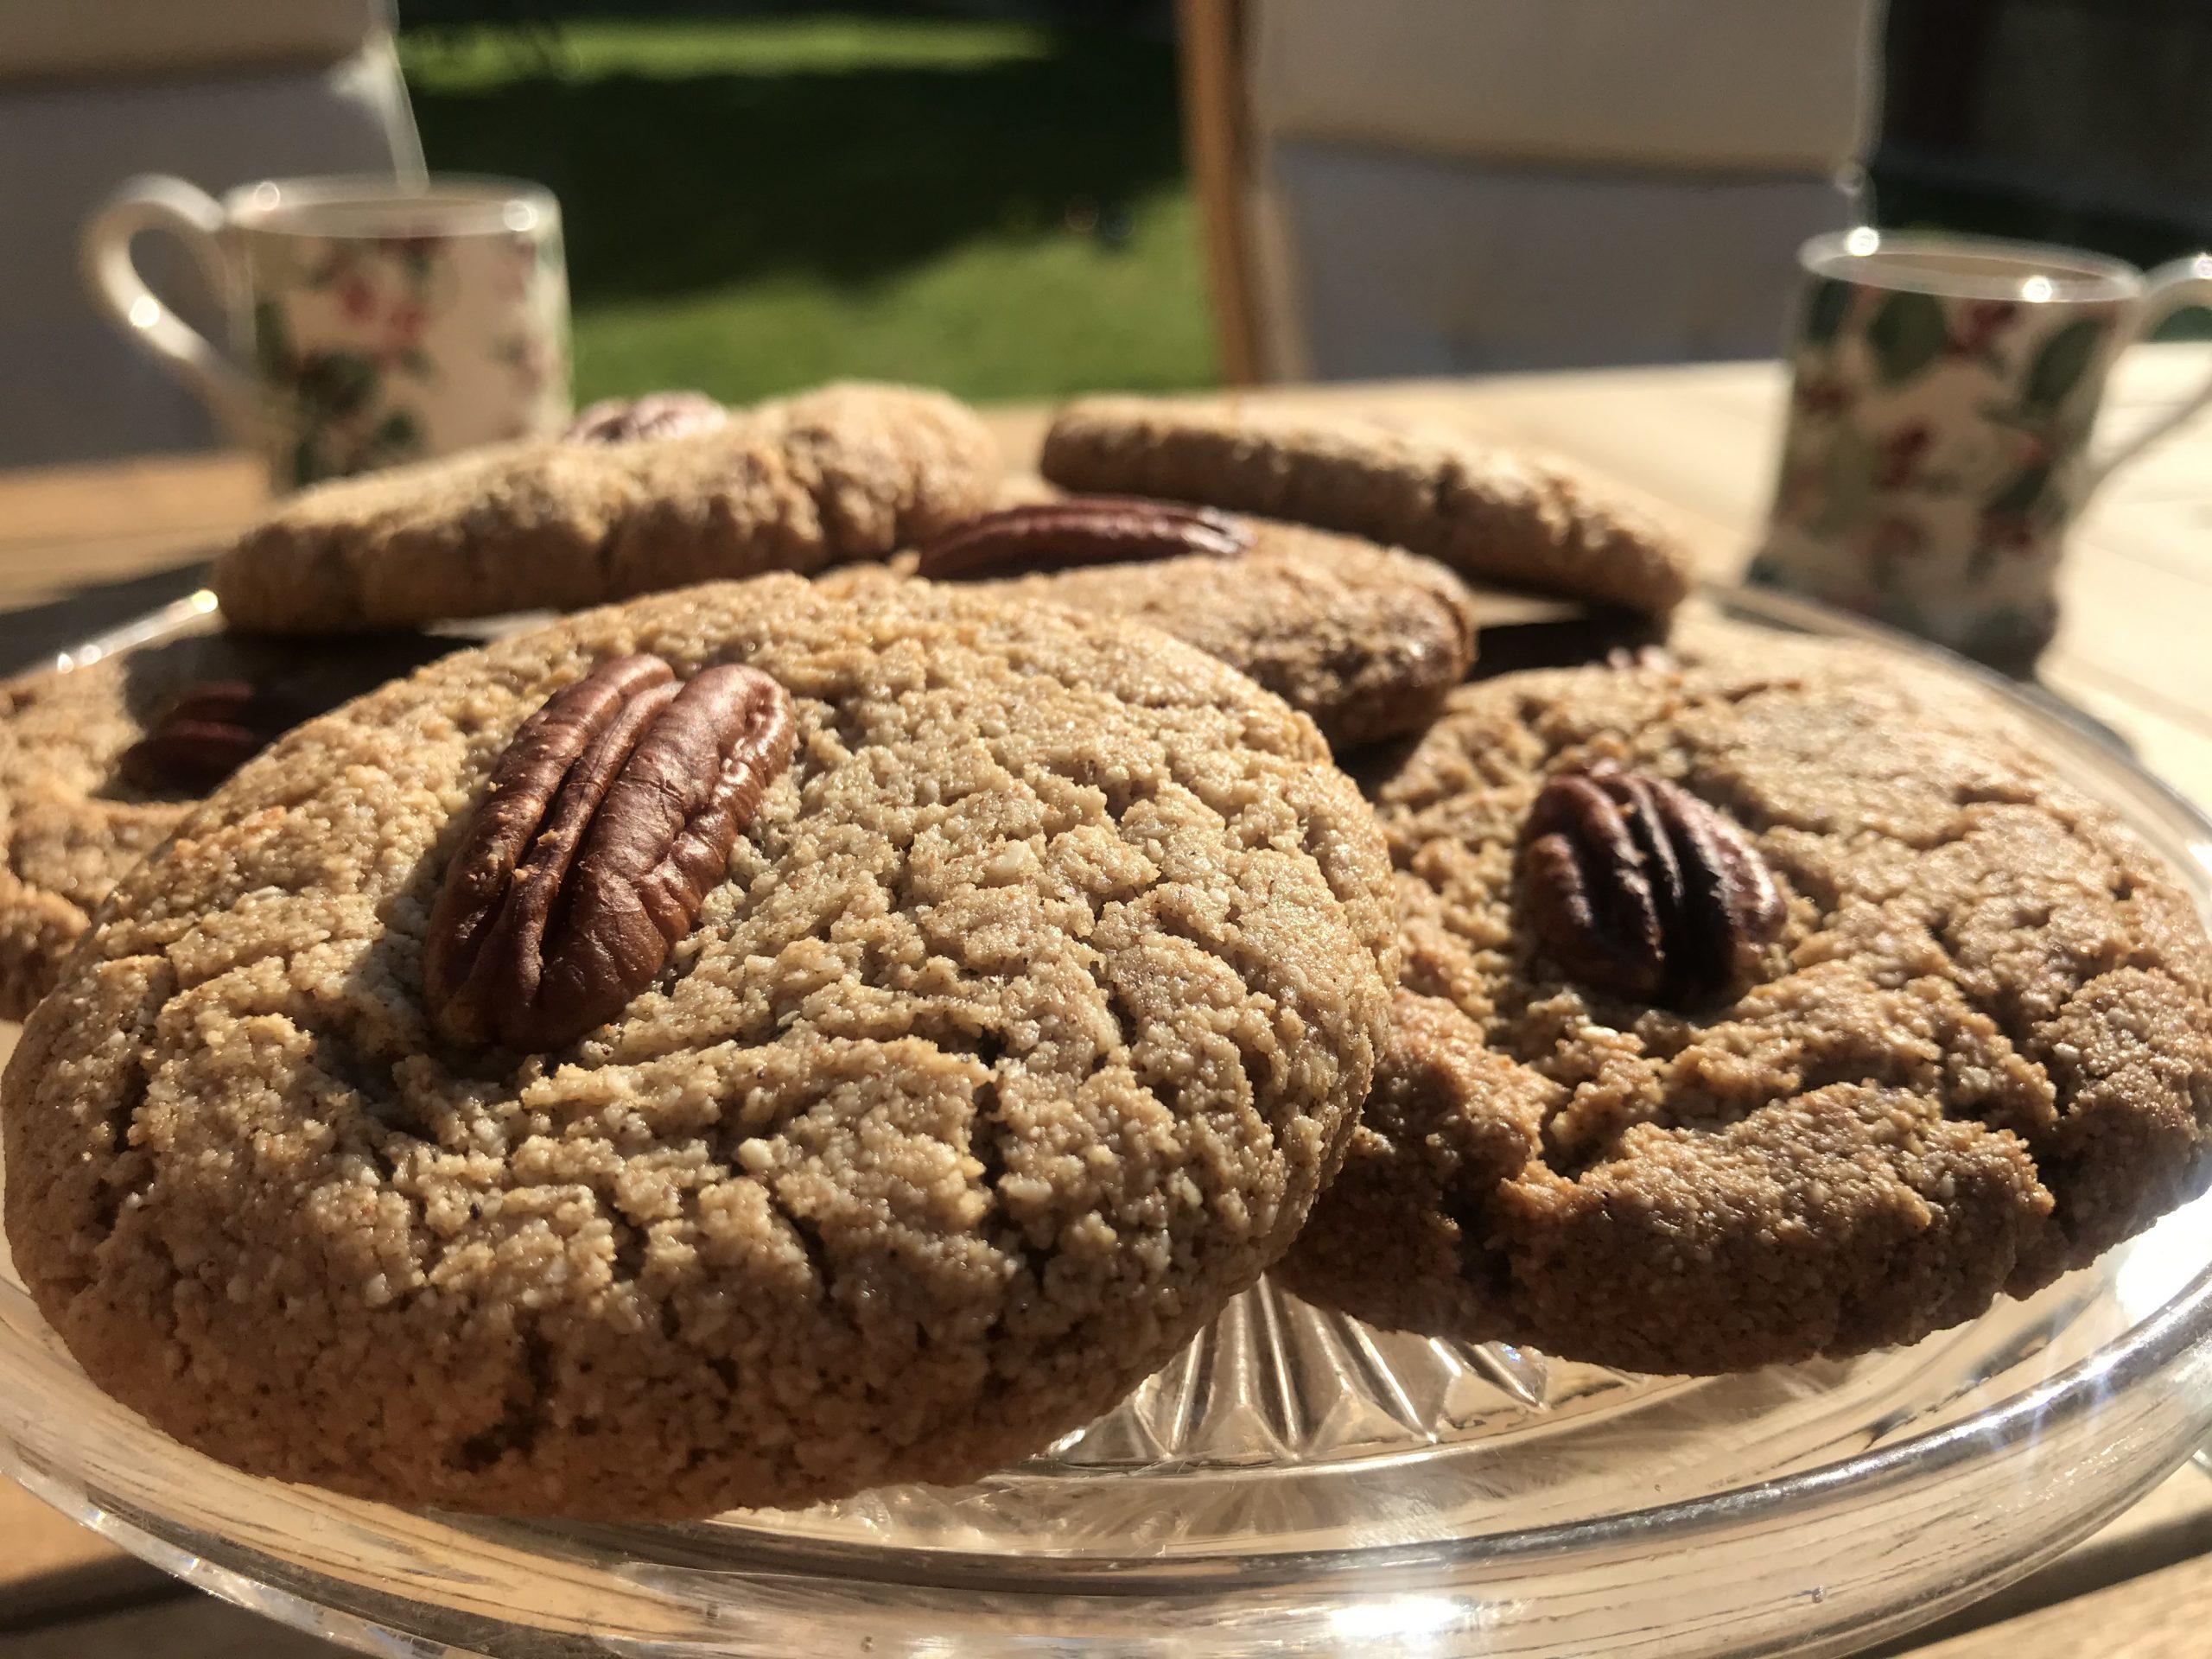 Cinnamon Biscuits with Pecan Halves